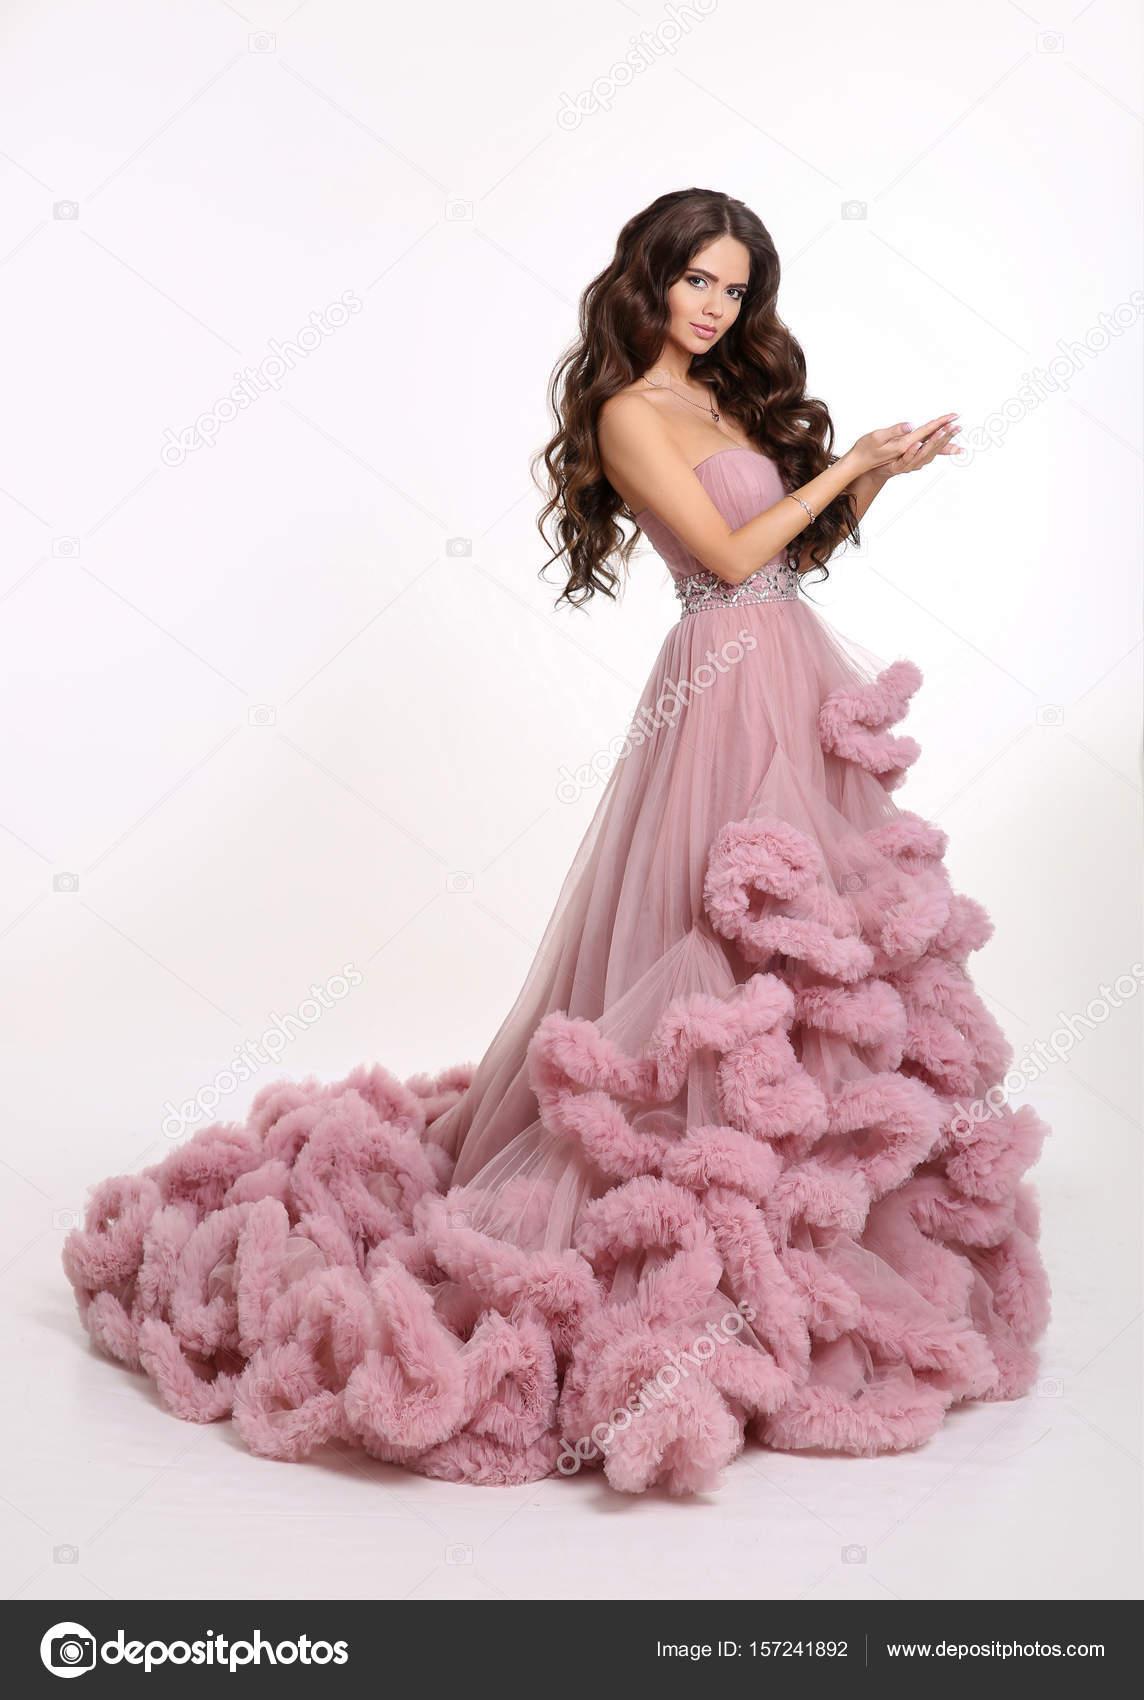 Chica hermosa dama en vestido rosa exuberante lujo. Morenas de moda ...